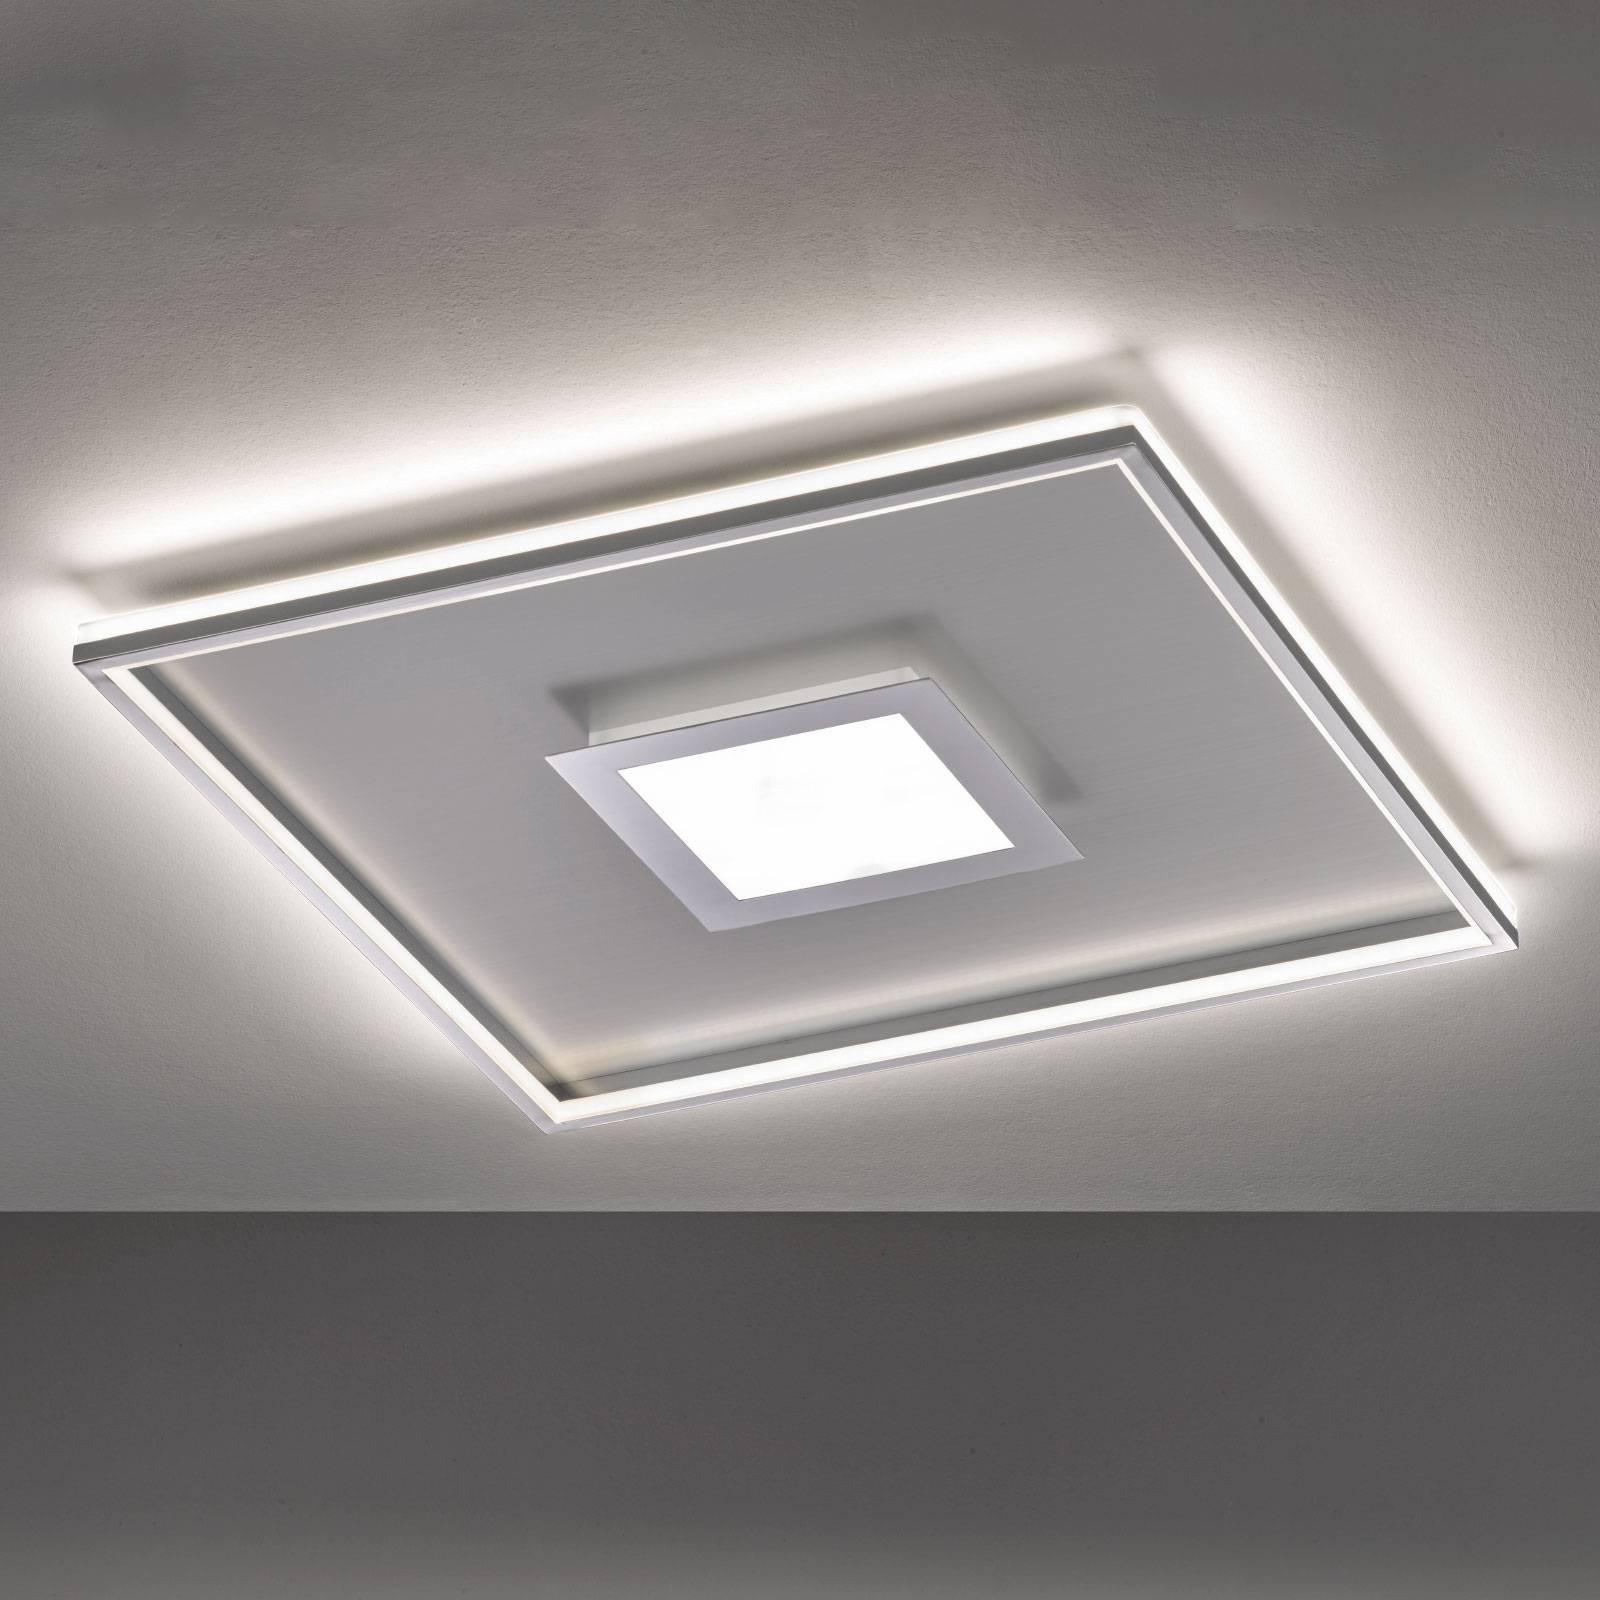 LED-kattovalaisin Zoe, neliönmuotoinen, 80 x 80 cm